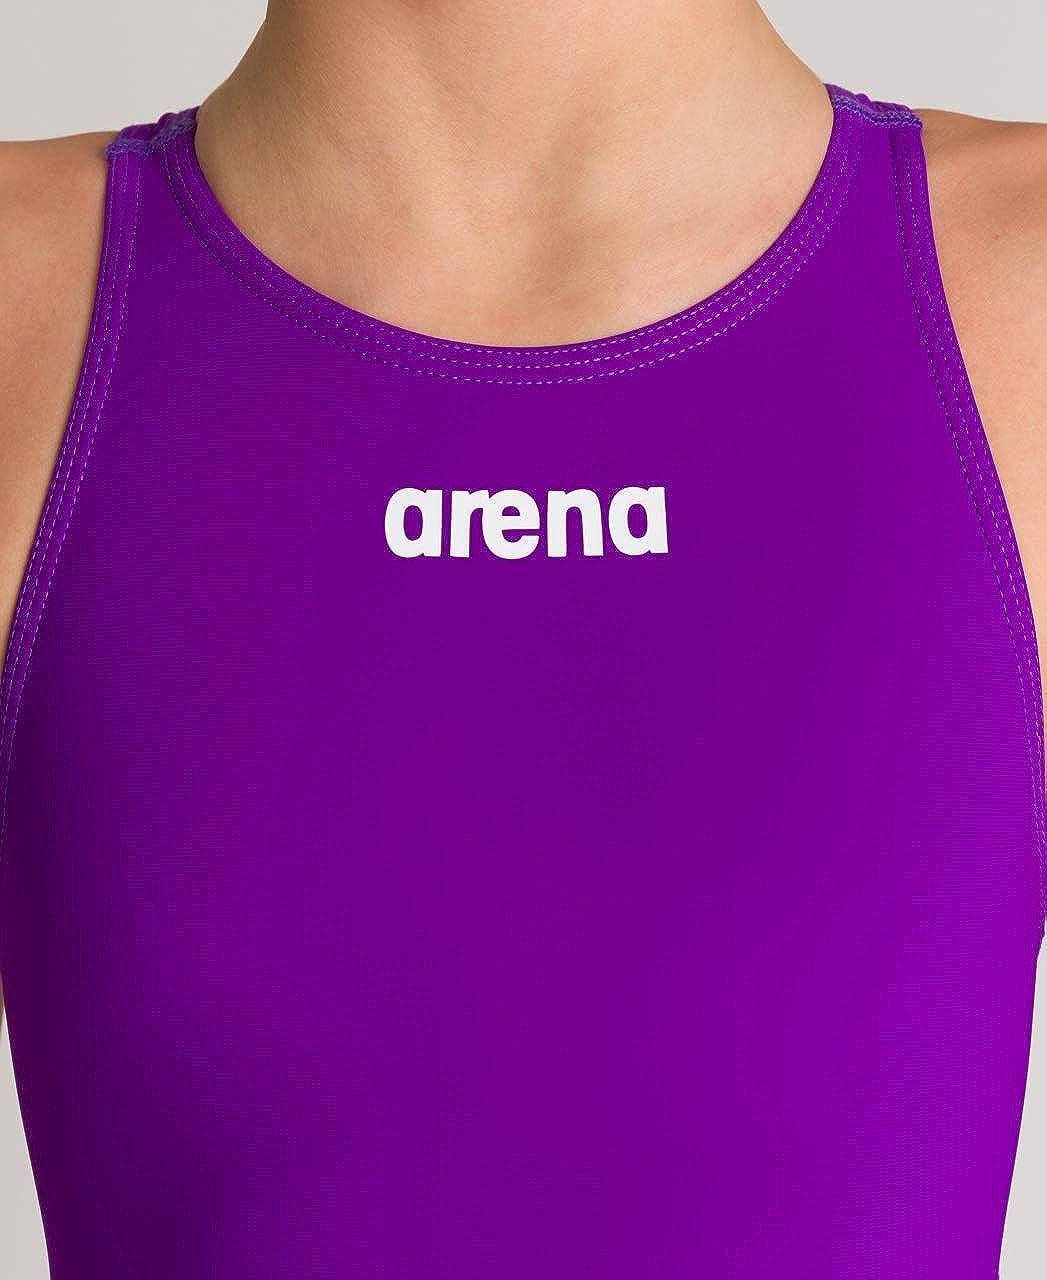 Arena Power Skin St 2.0/dos ouvert de natation Fille Combinaison de comp/étition